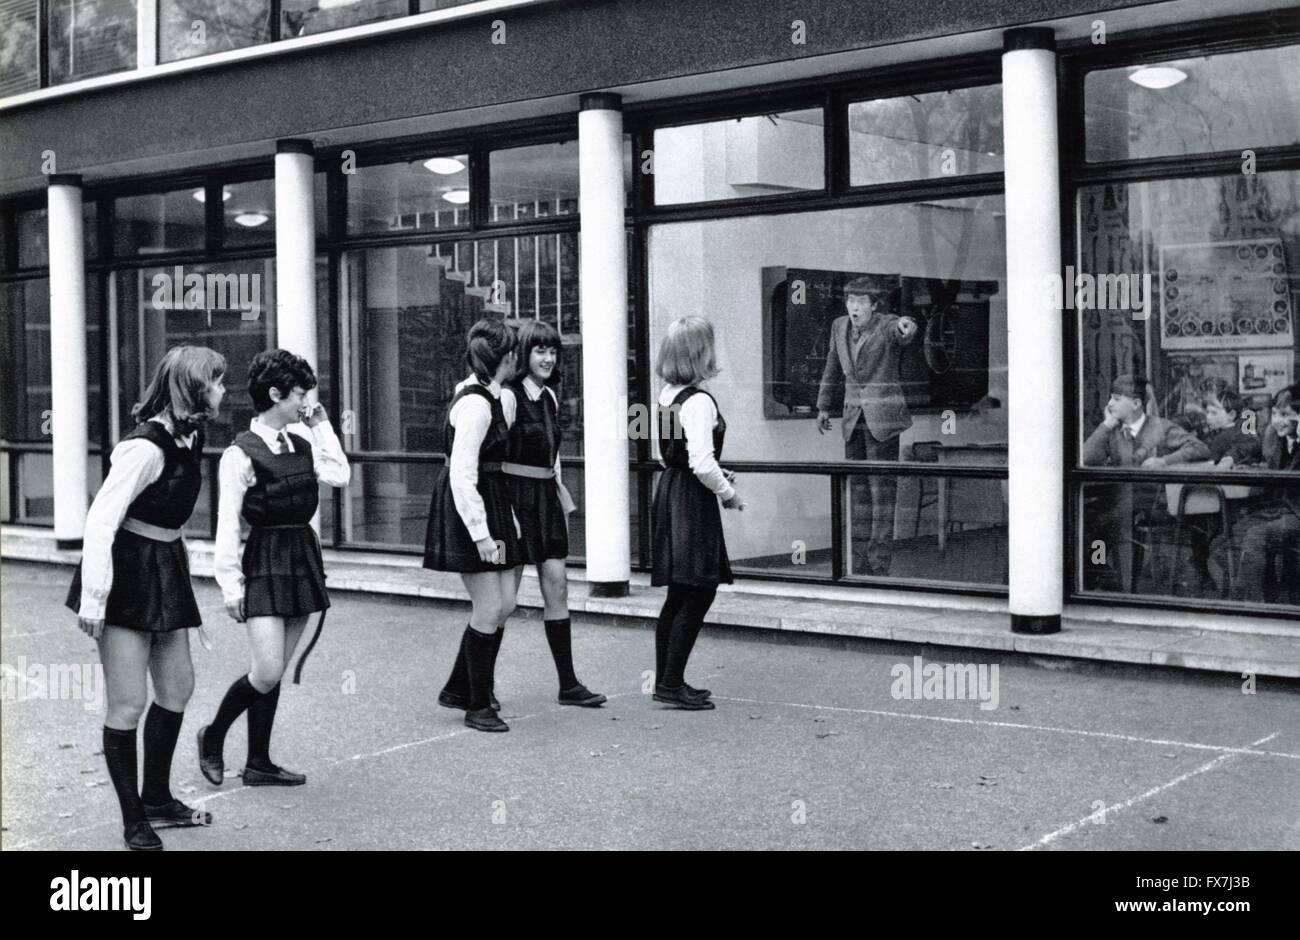 1965 uk director stock photos 1965 uk director stock images alamy